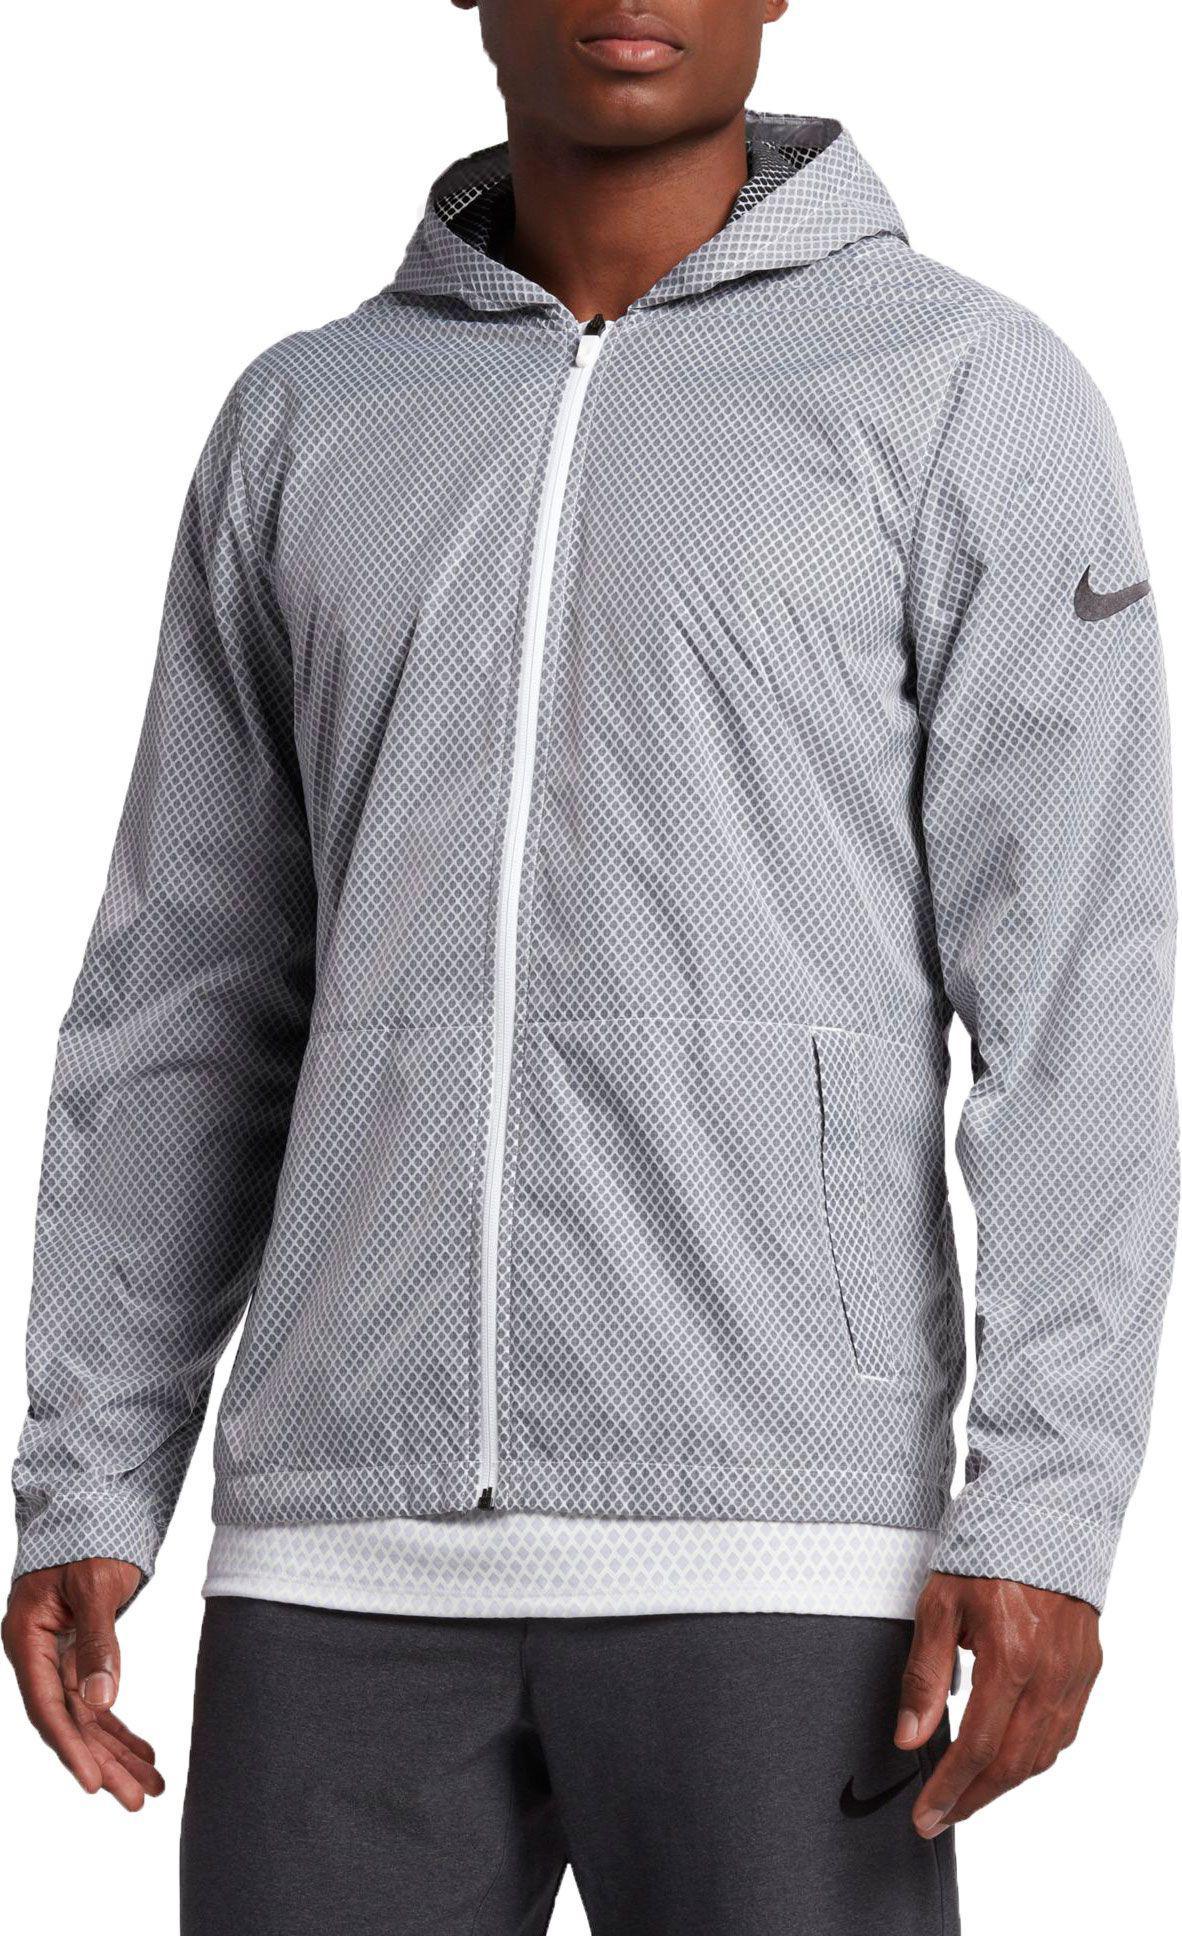 a31e14e3259d Lyst - Nike Hyper Elite All Day Full Zip Basketball Jacket in Black ...